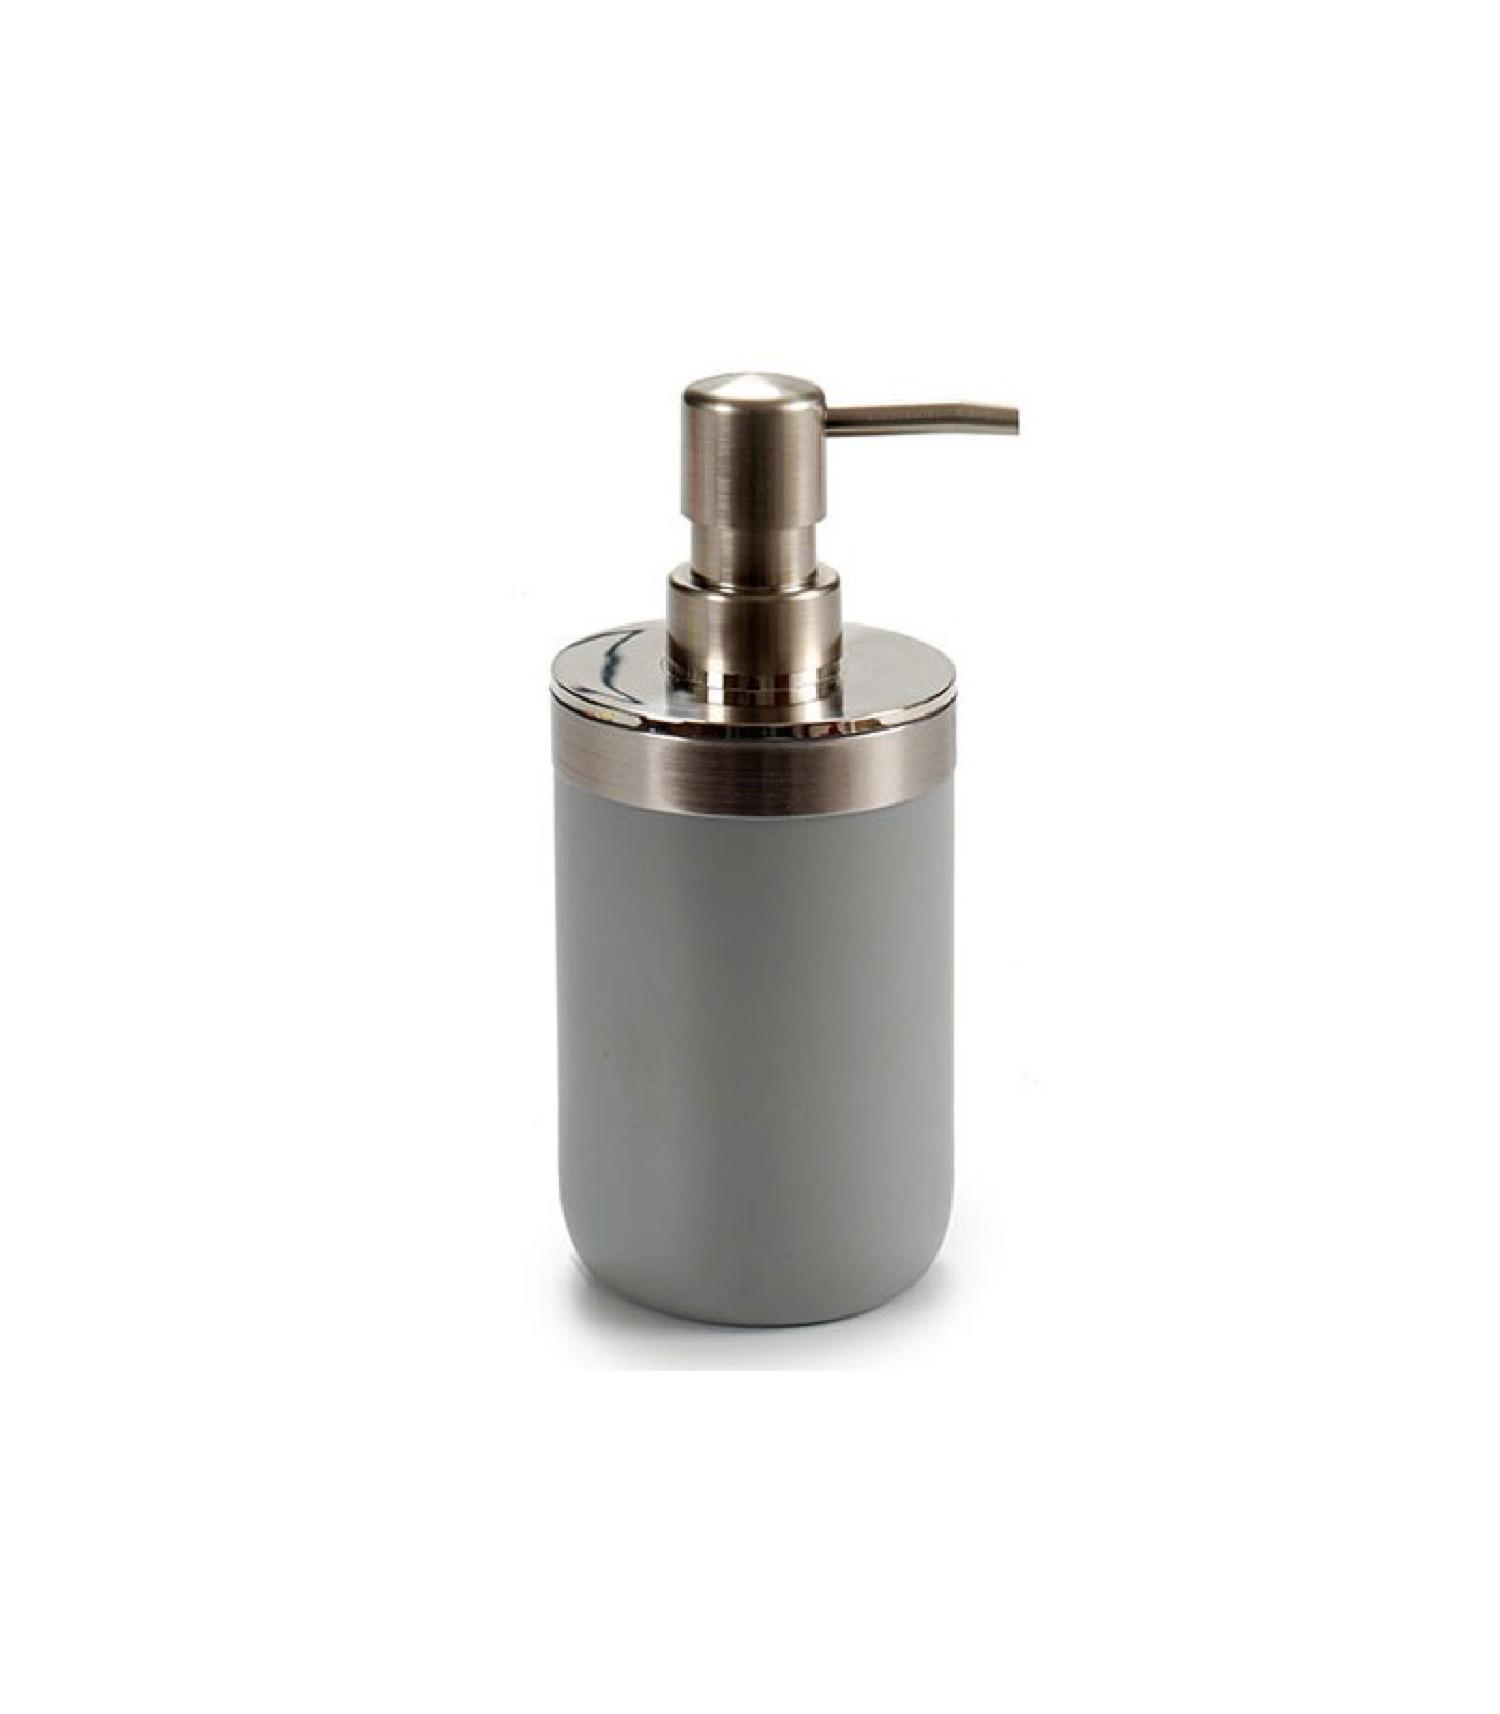 Distributeur de savon rond inox et plastique gris